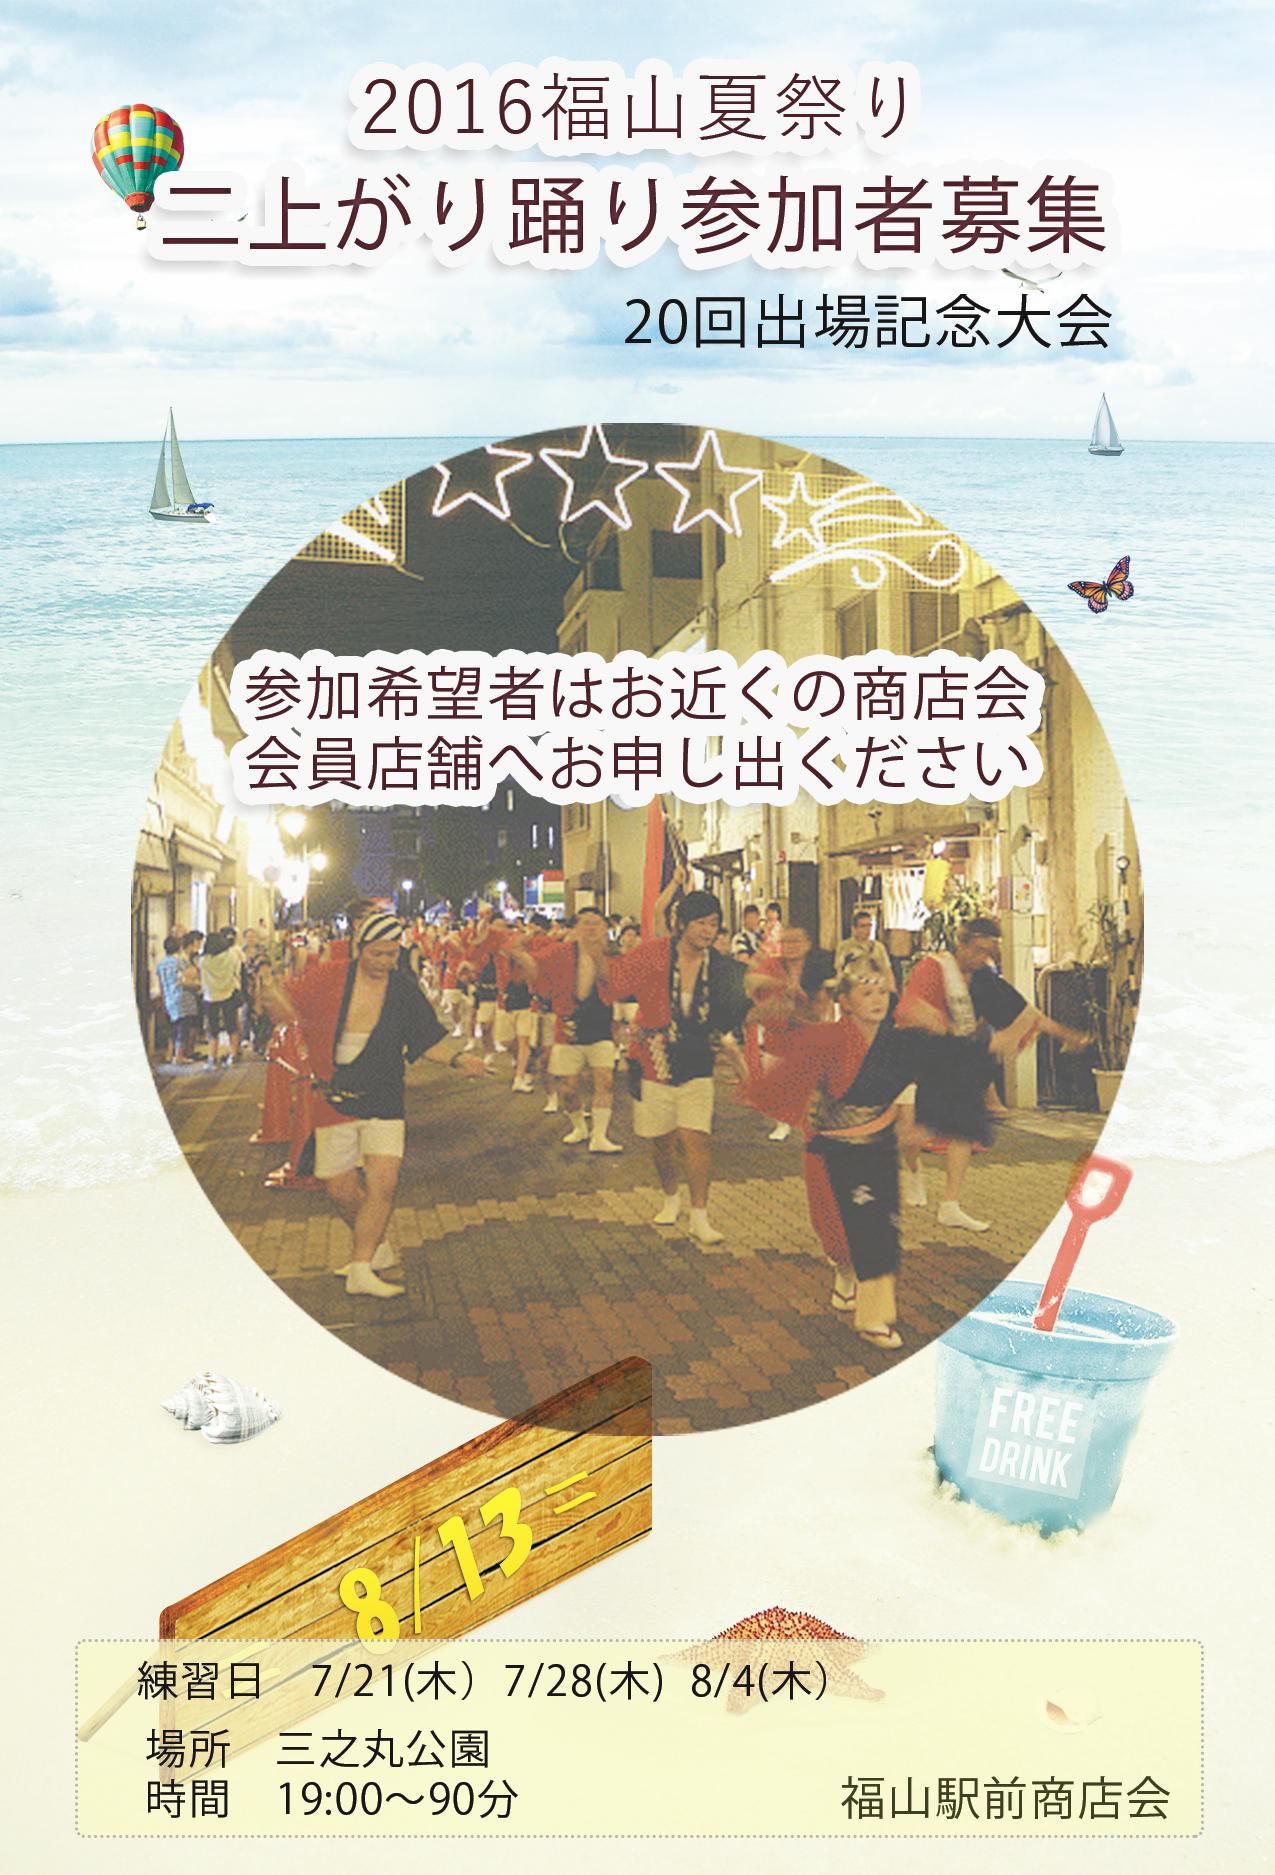 本日7月21日(木)より二上がり踊りの練習が始まります